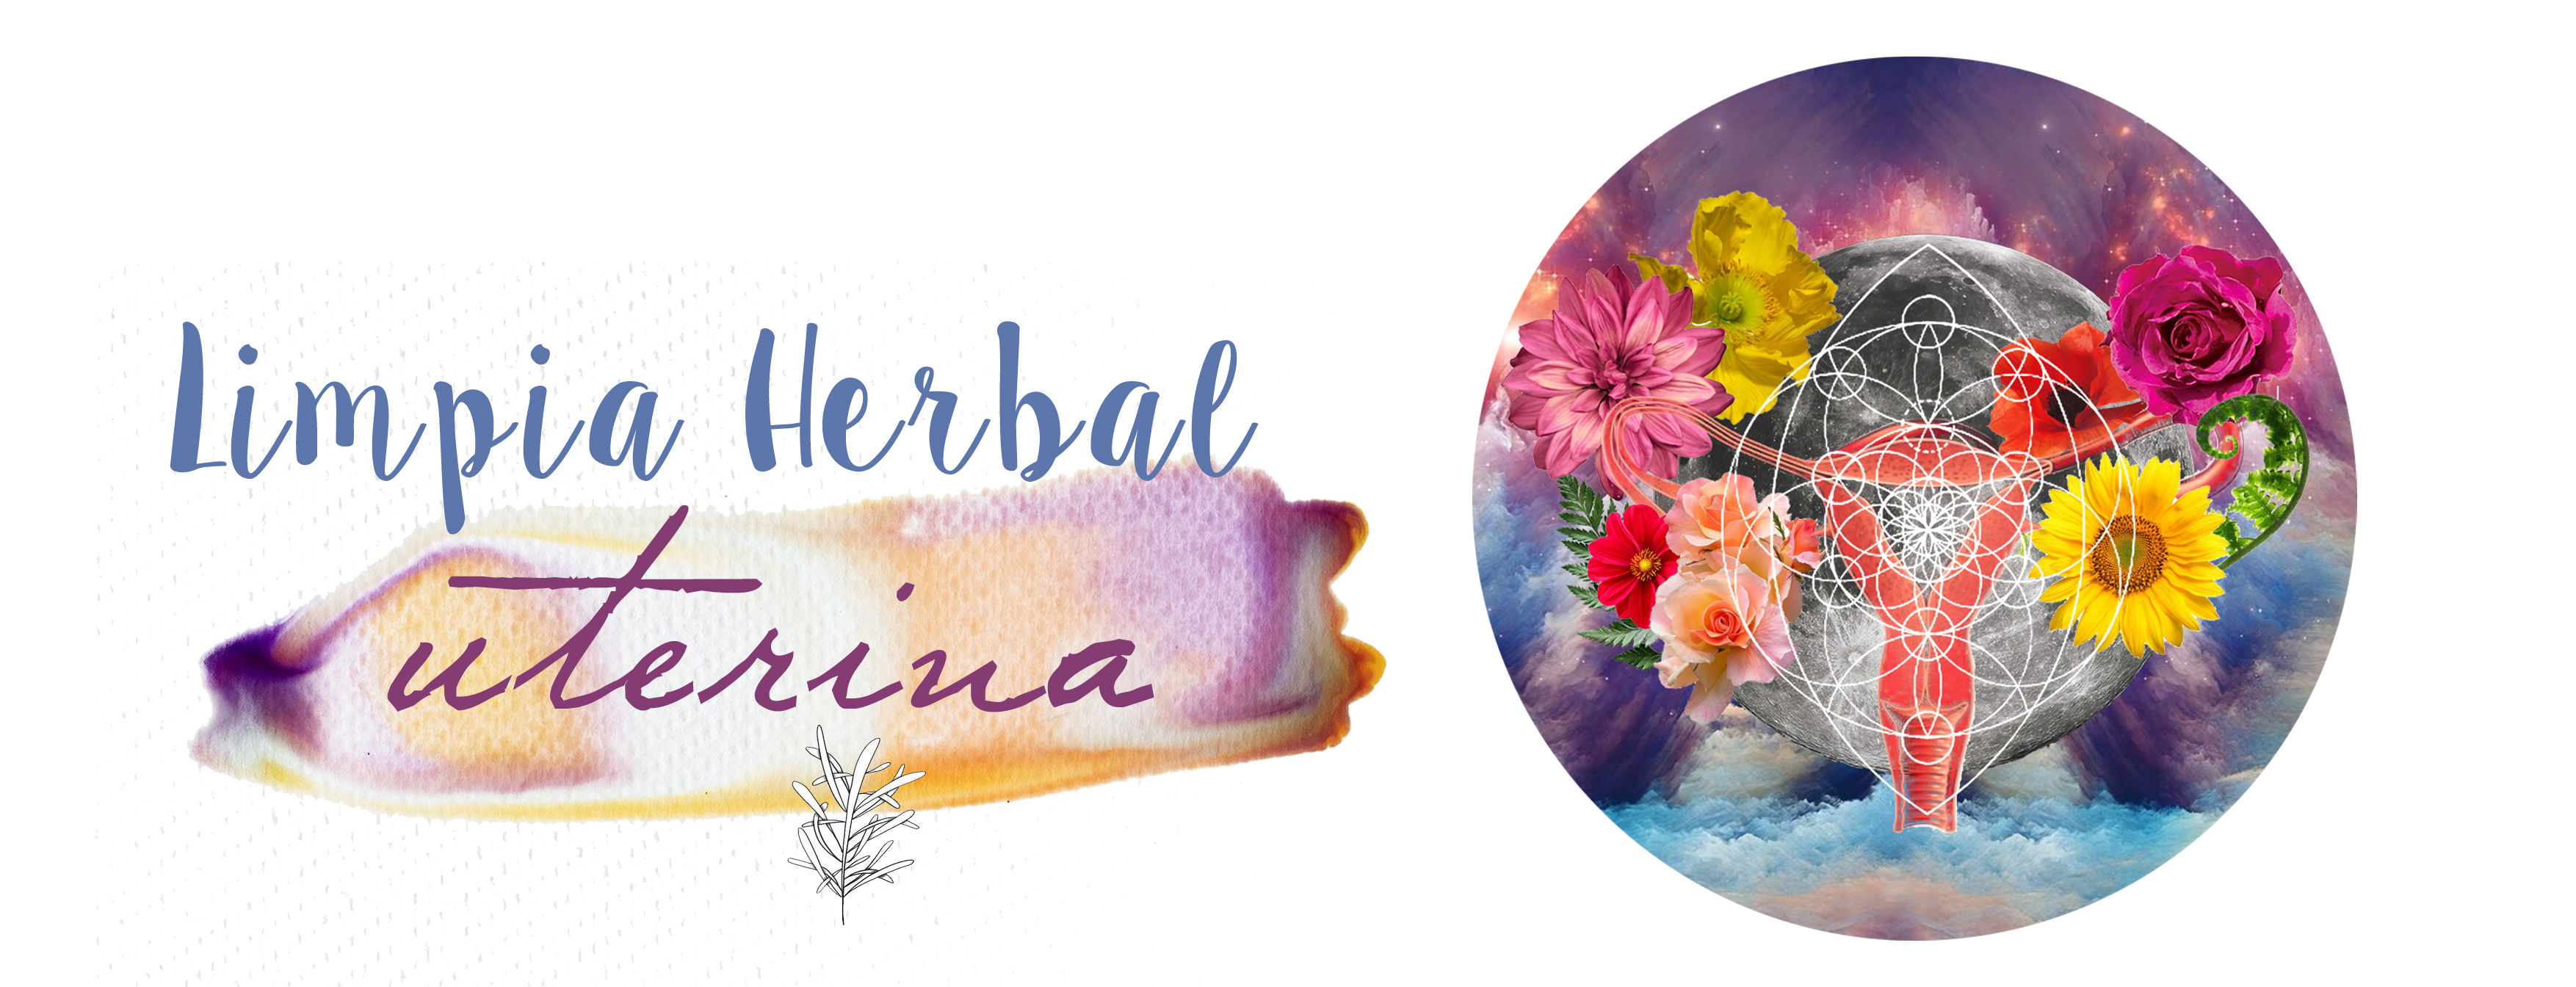 limpieza herbal AGENDA